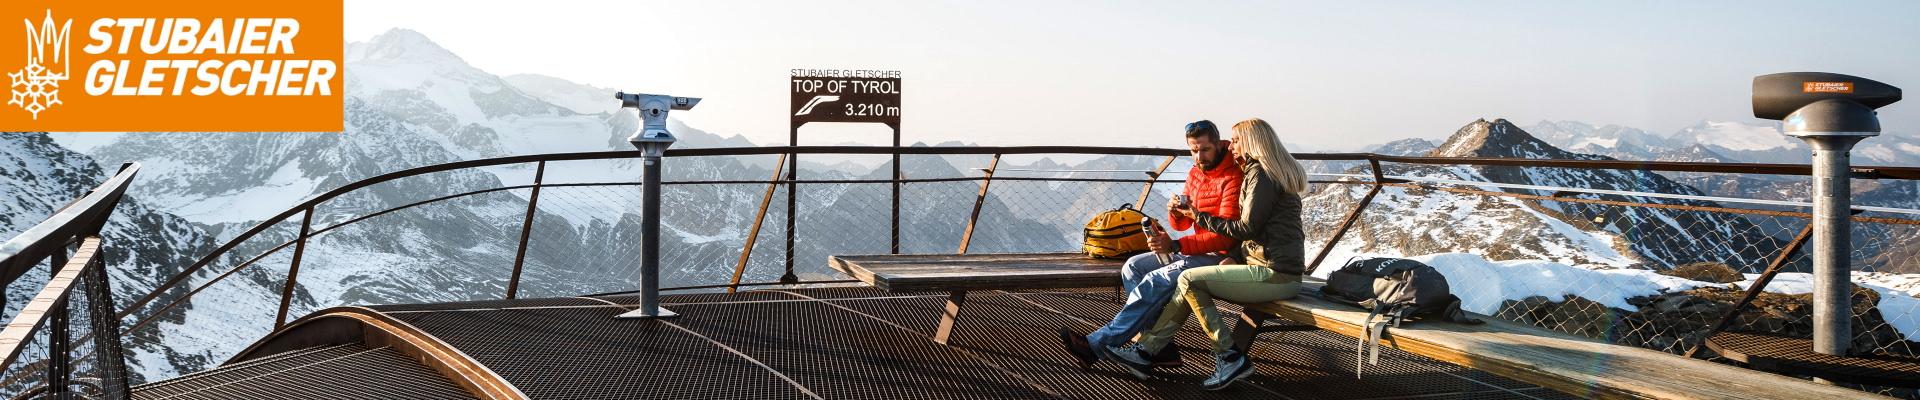 Top of Tirol Aussichtsplattform am Stubaier Gletscher